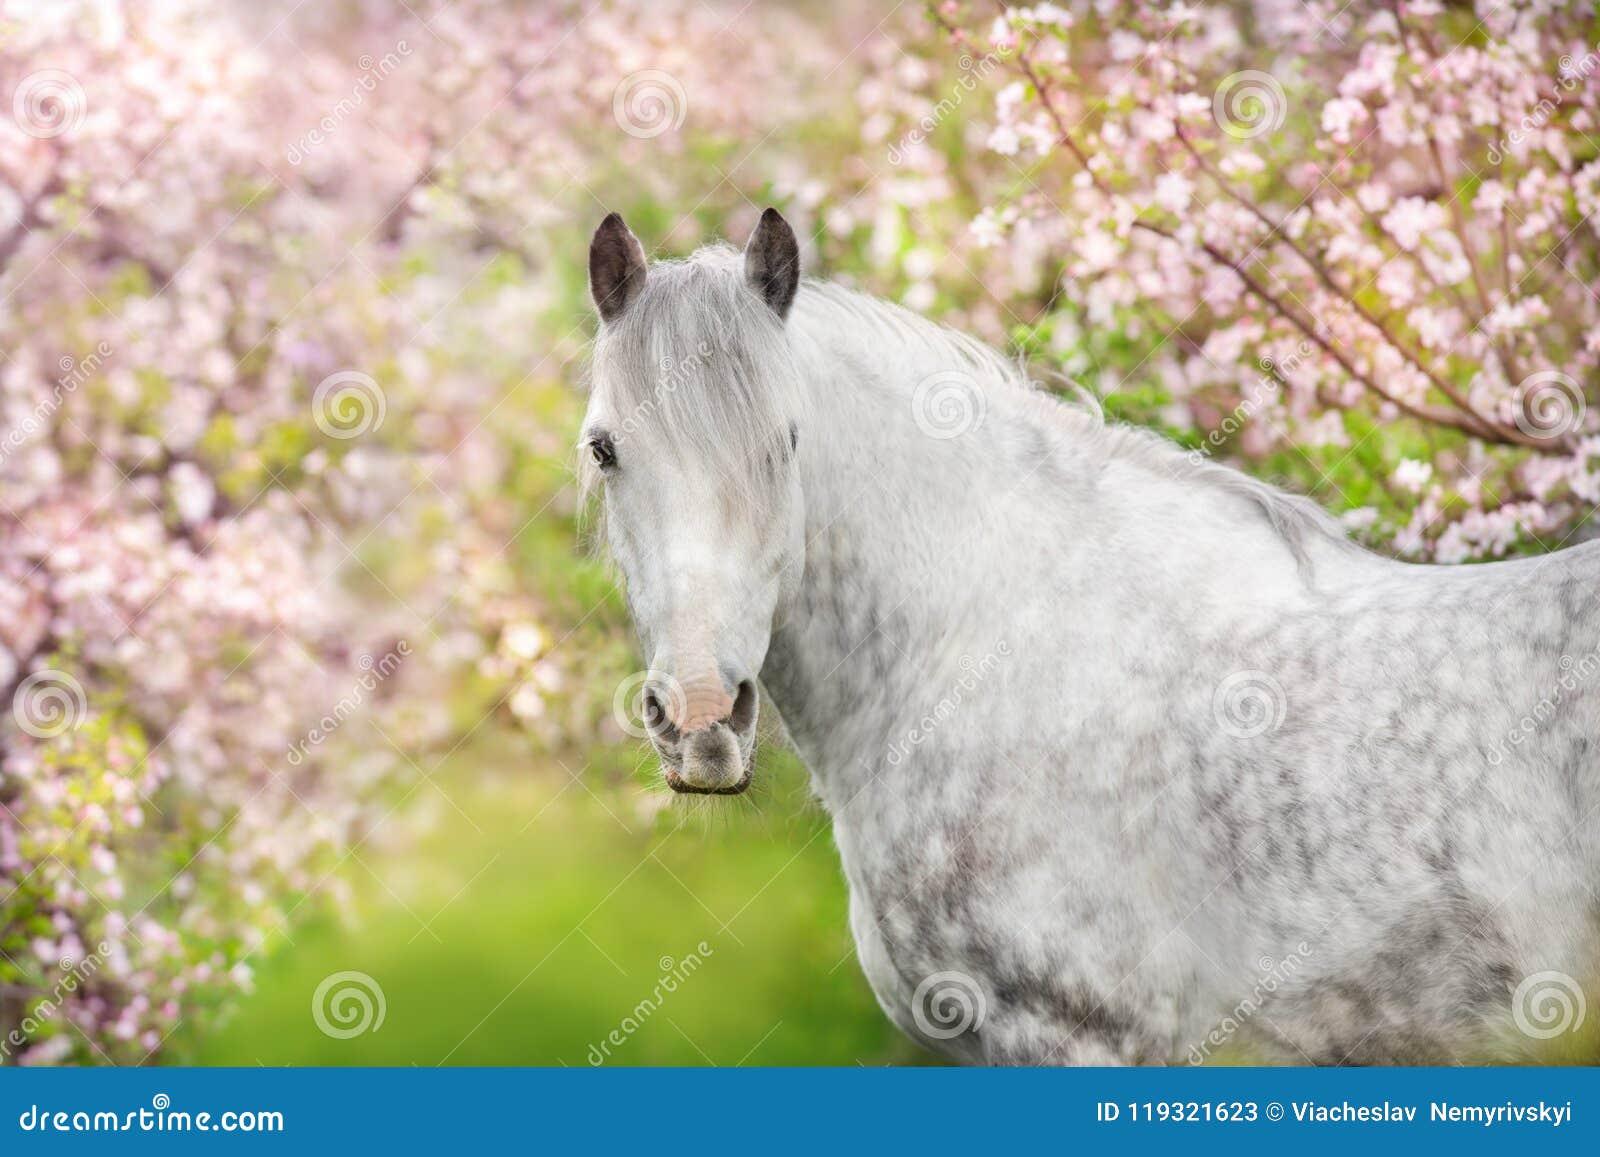 Portrait de cheval blanc dans la fleur